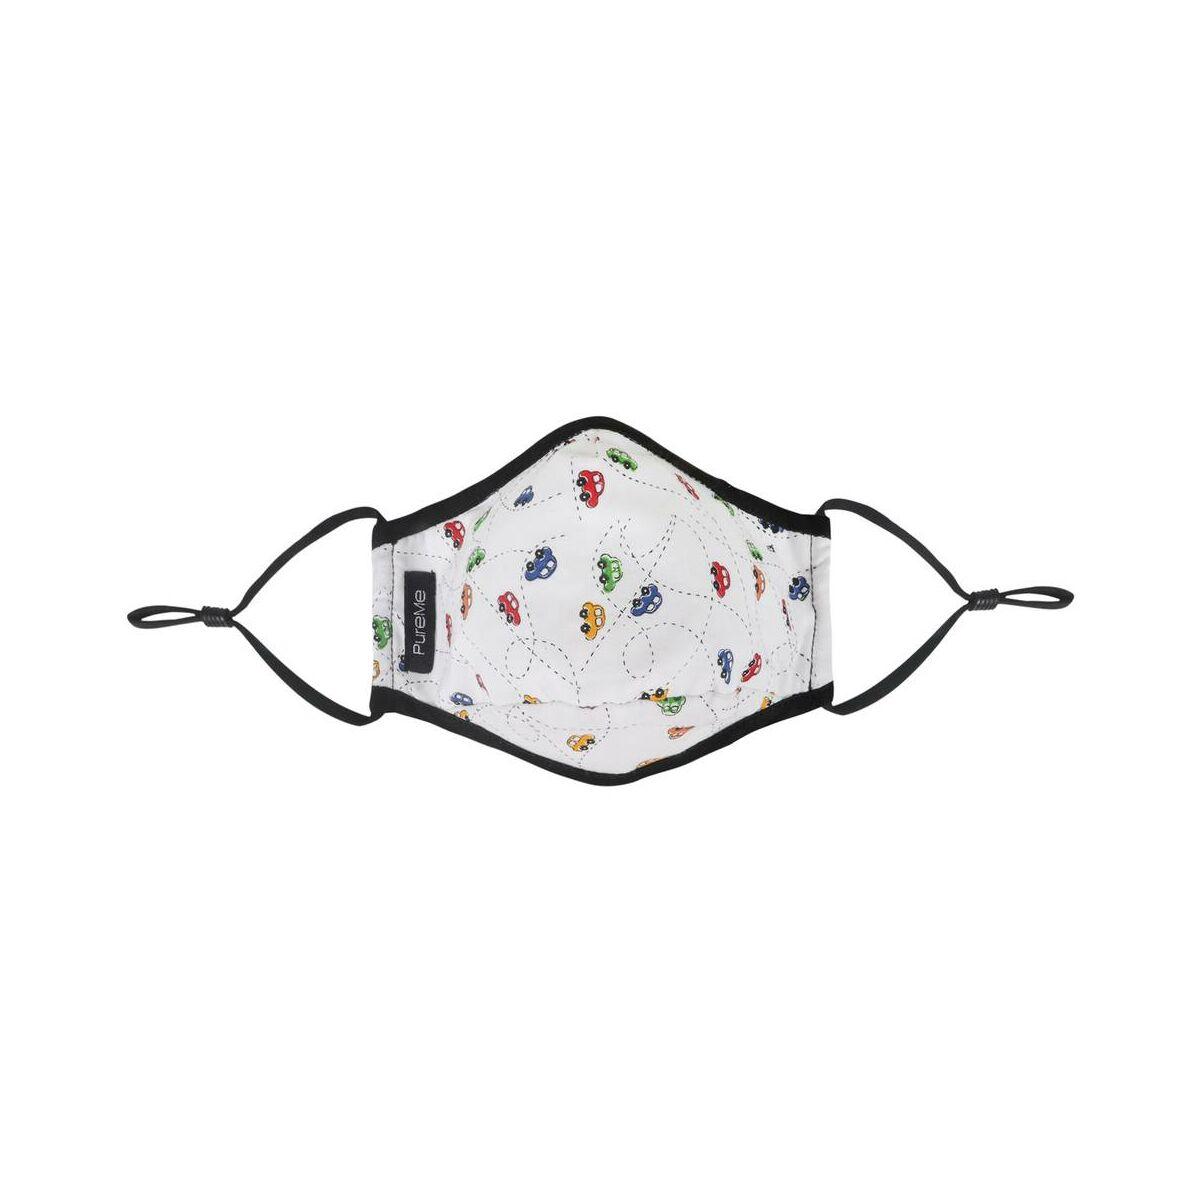 PureMe Maszk, Újrafelhasználható, Állítható füllel, Pamut, 2db N95 szűrővel a csomagban, gyerek méret (4-8 éves korig), autó mintás